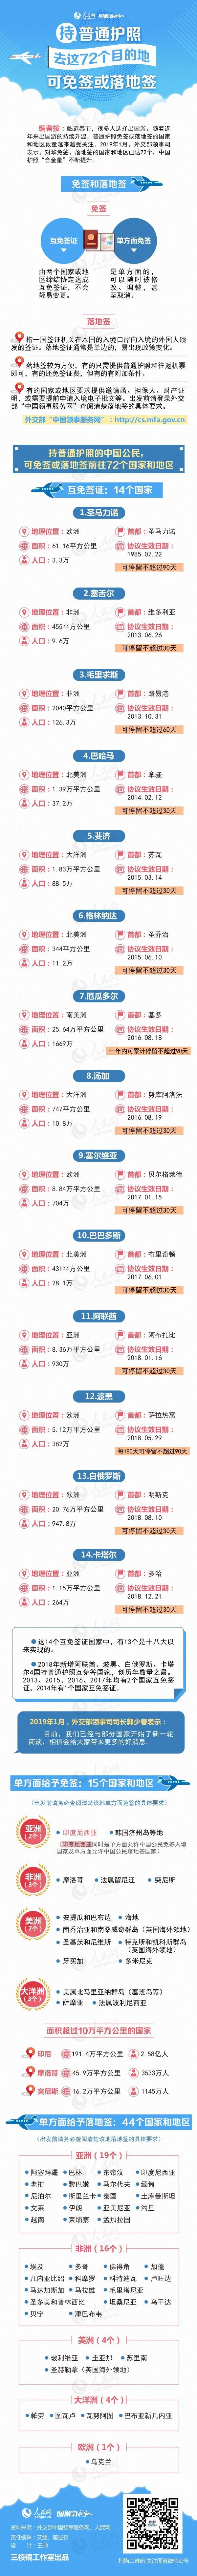 中国72个可免签或落地签的国家